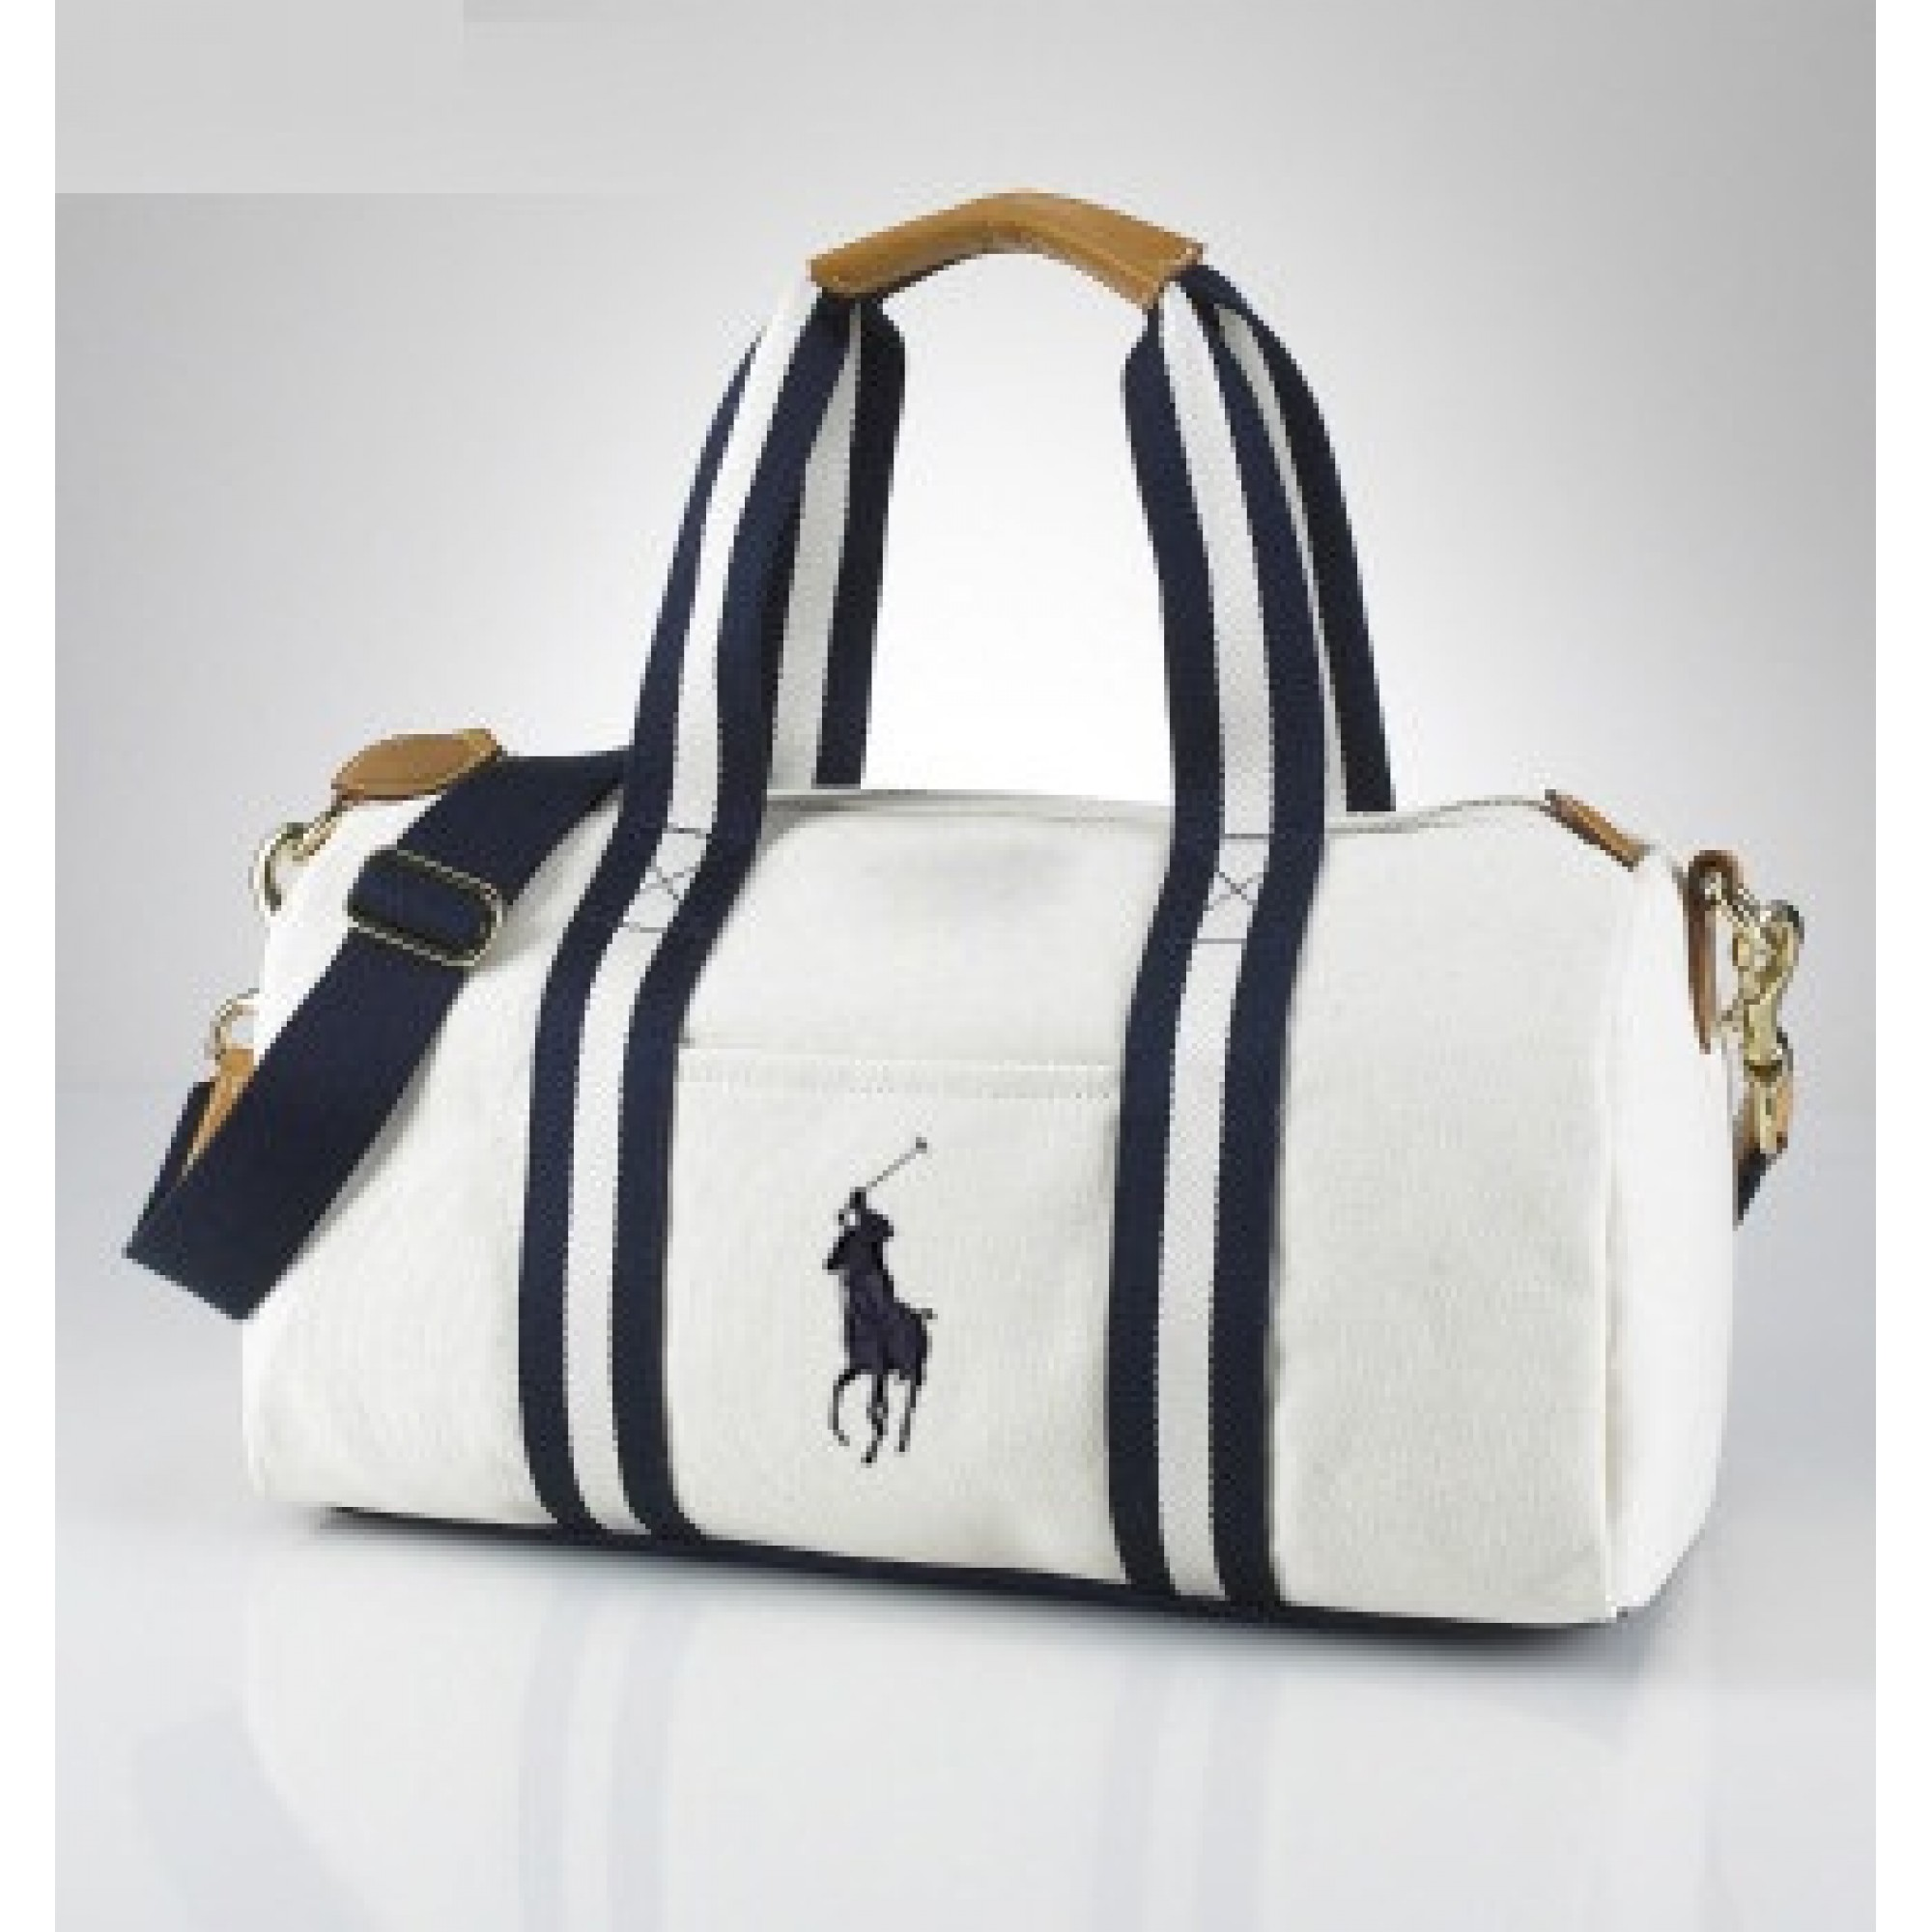 110bcb945b5d Купить белая спортивная сумка от Polo — в Киеве, код товара 8284